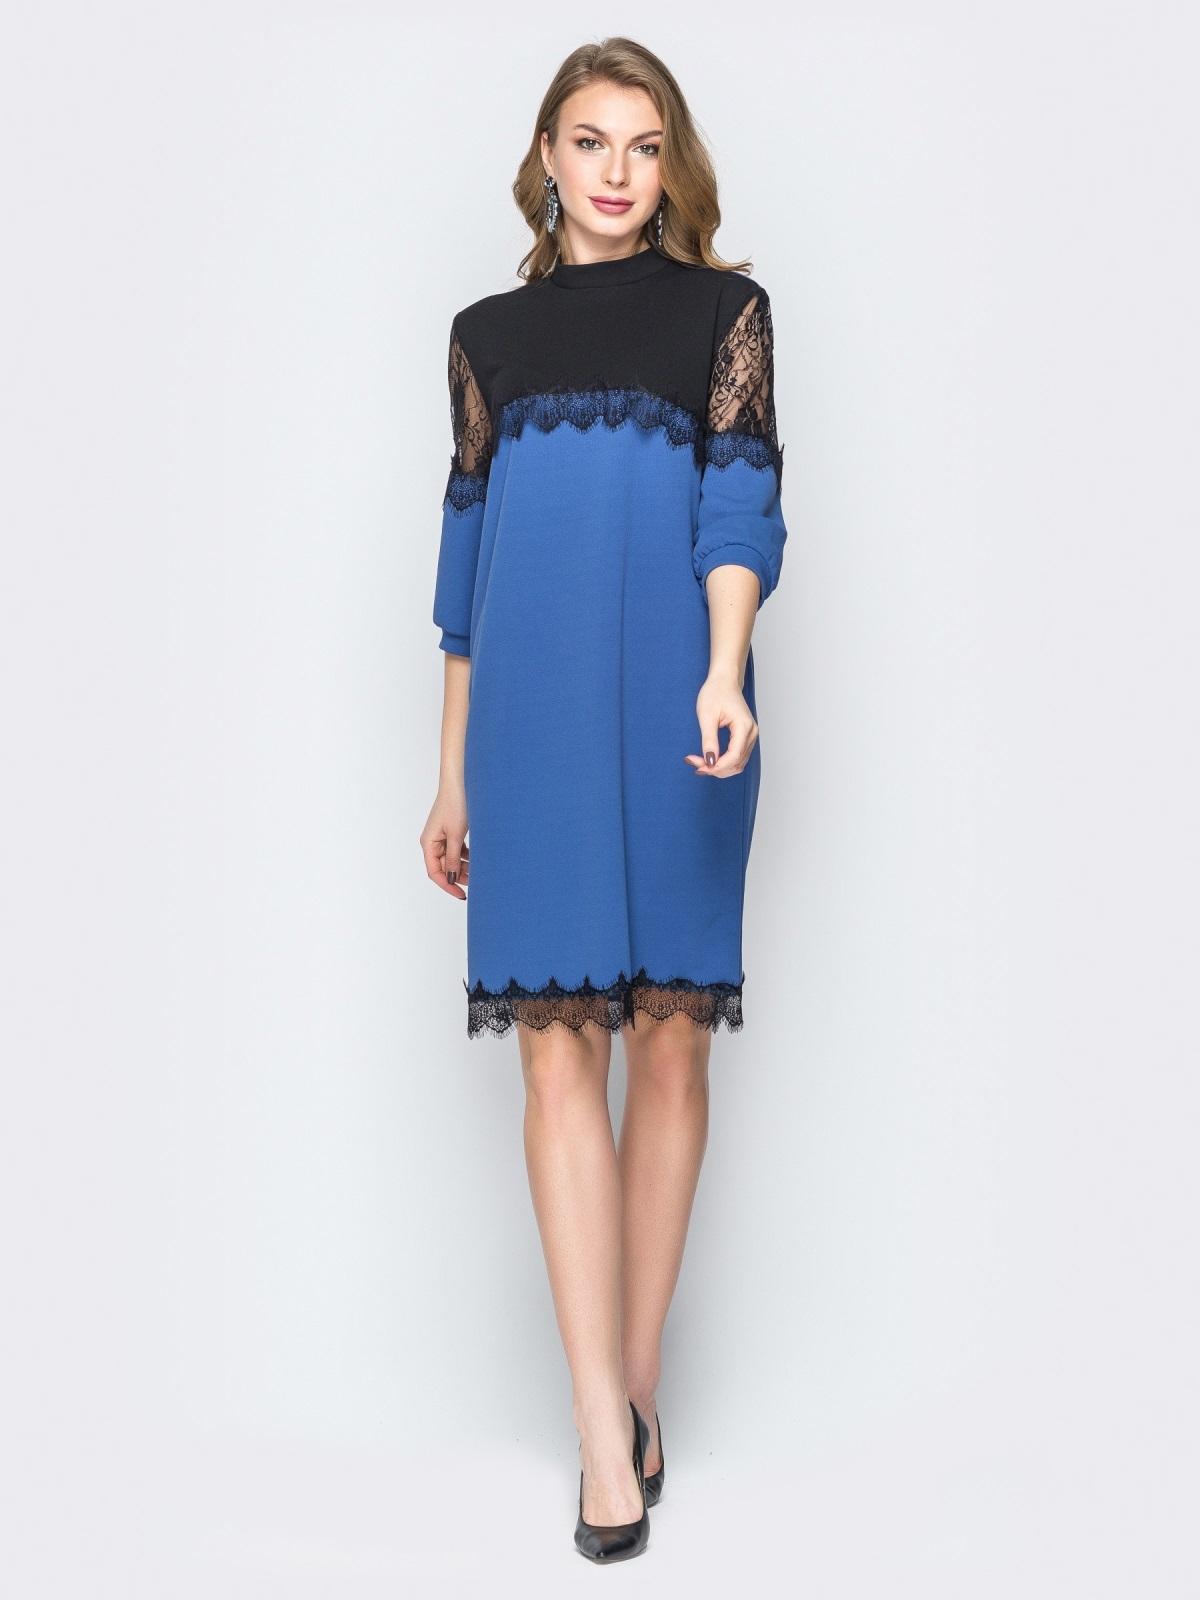 b80f27b6143 Синее платье с контрастной кокеткой и кружевом 20032 – купить в ...